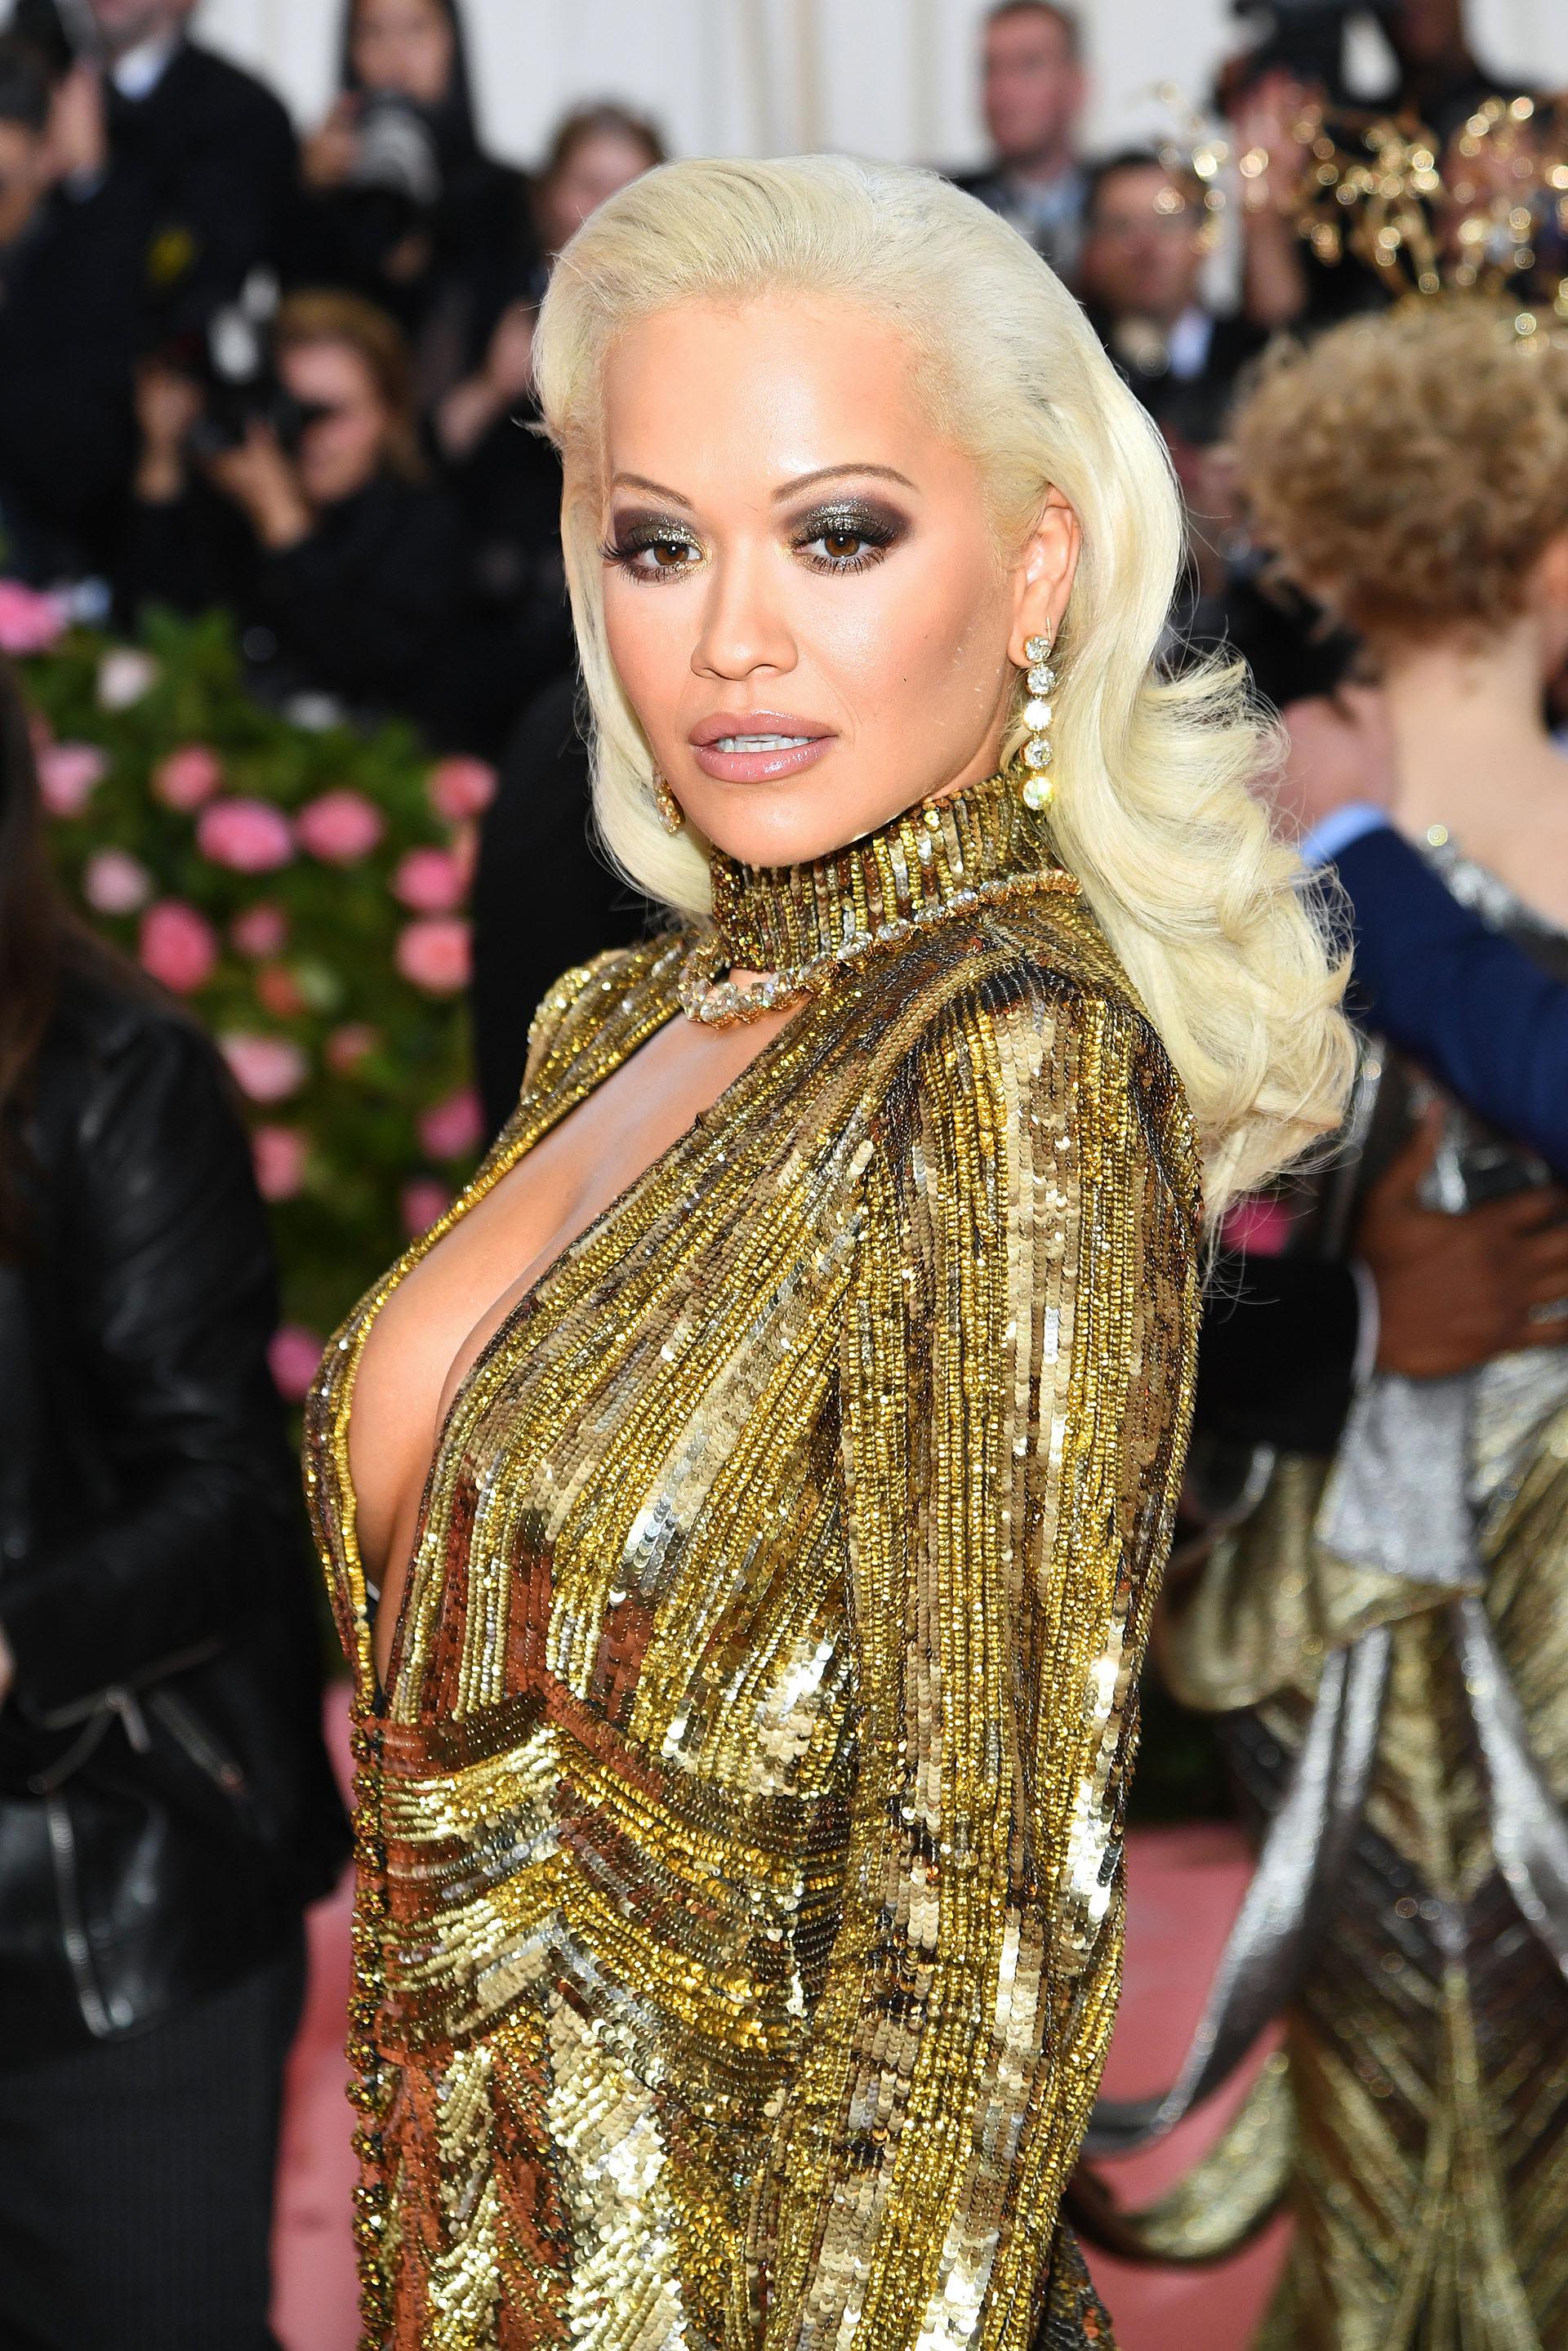 El vestido que eligió la actriz cantante británica Rita Ora quedó opacado por su elección de maquillaje y peinado: ojos marcados y cejas casi imperceptibles